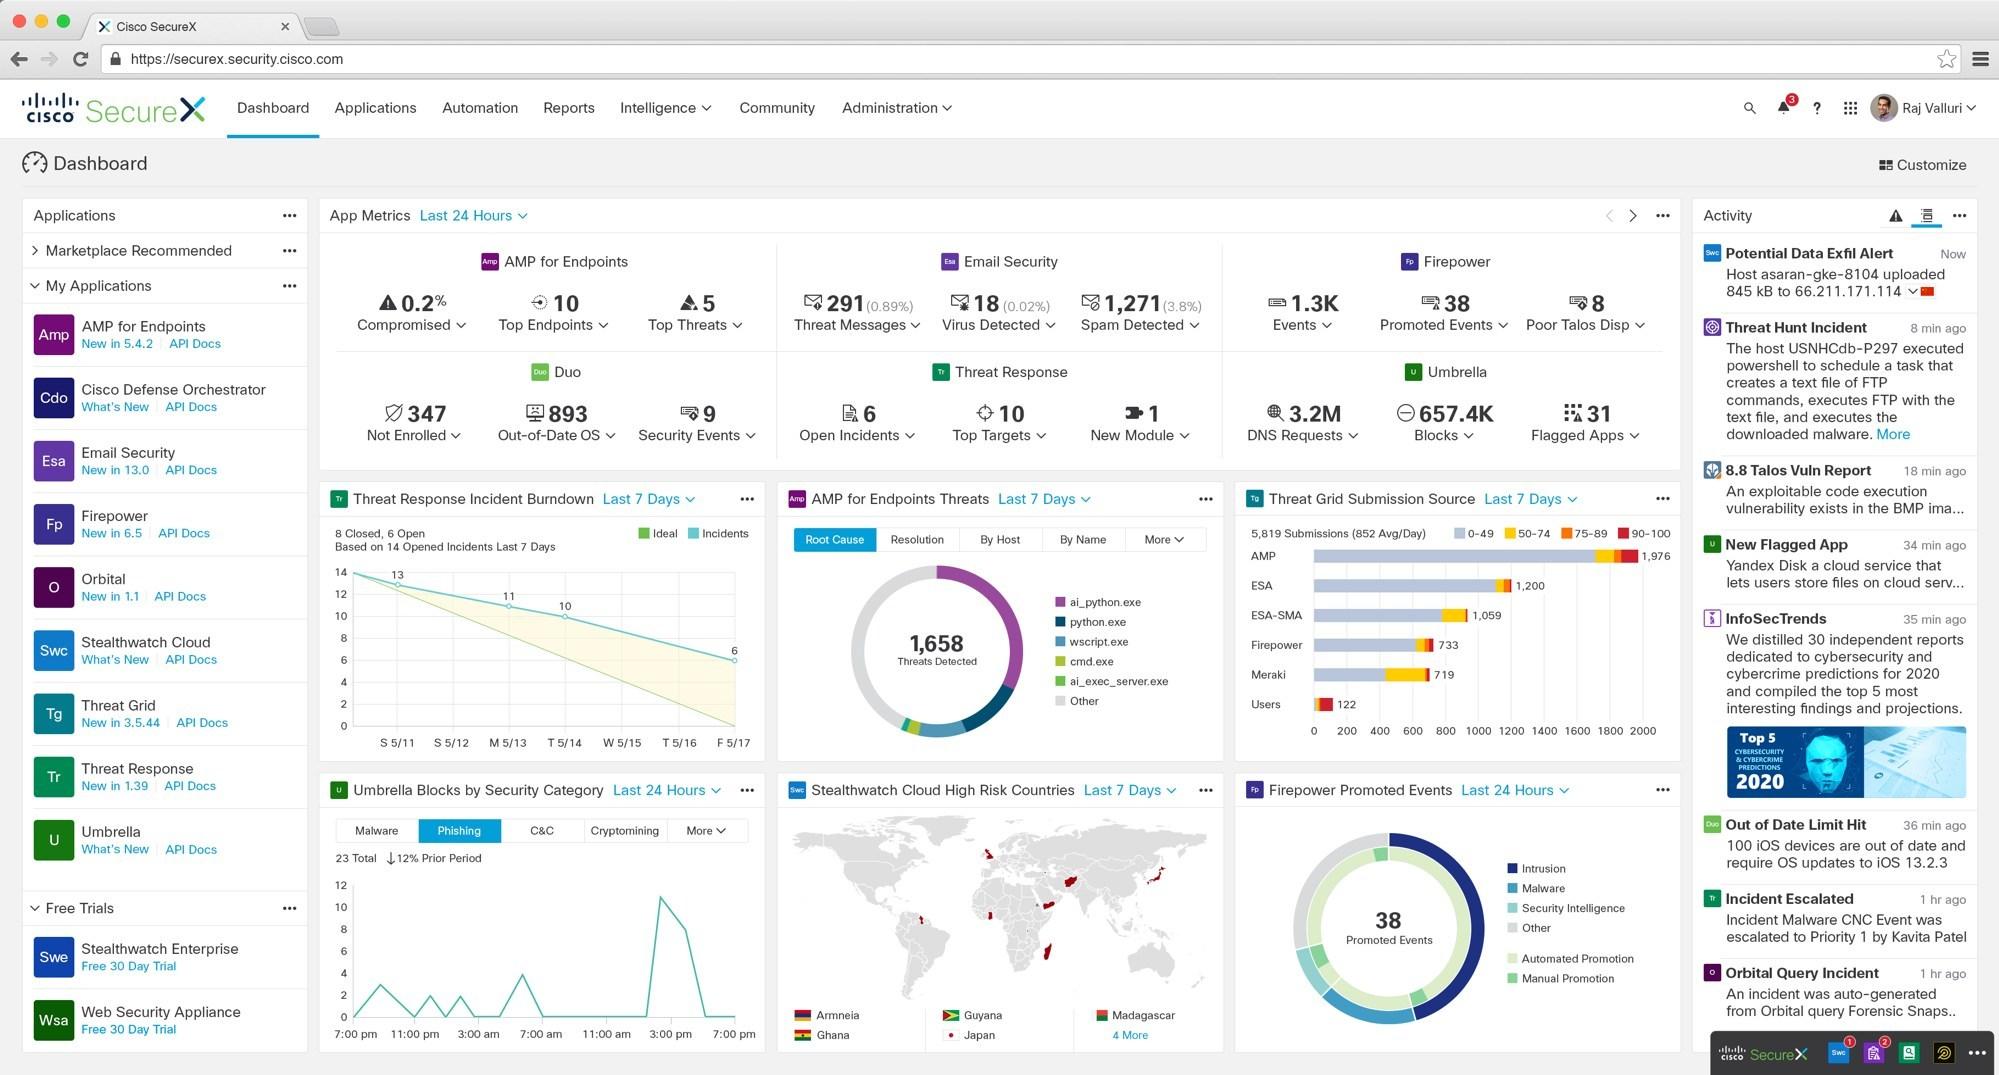 雲端原生保安平台 Cisco SecureX 推出簡化網絡安全部署